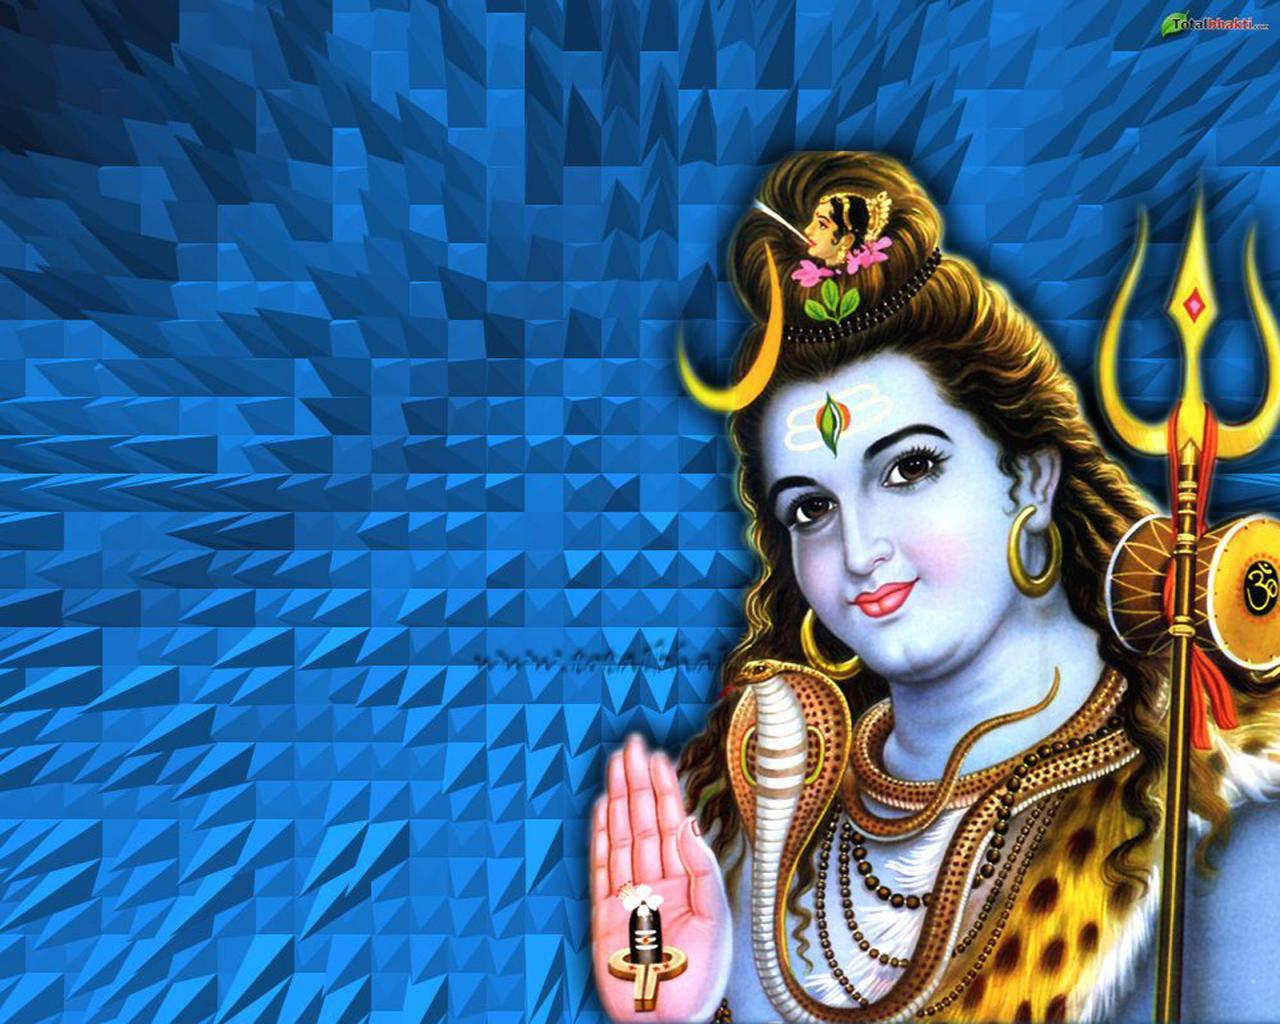 http://1.bp.blogspot.com/-fm31GbcnPAo/TqfNZJuwBPI/AAAAAAAABFA/HDDdK8t-vLQ/s1600/Lord-Shiva-imge.jpg